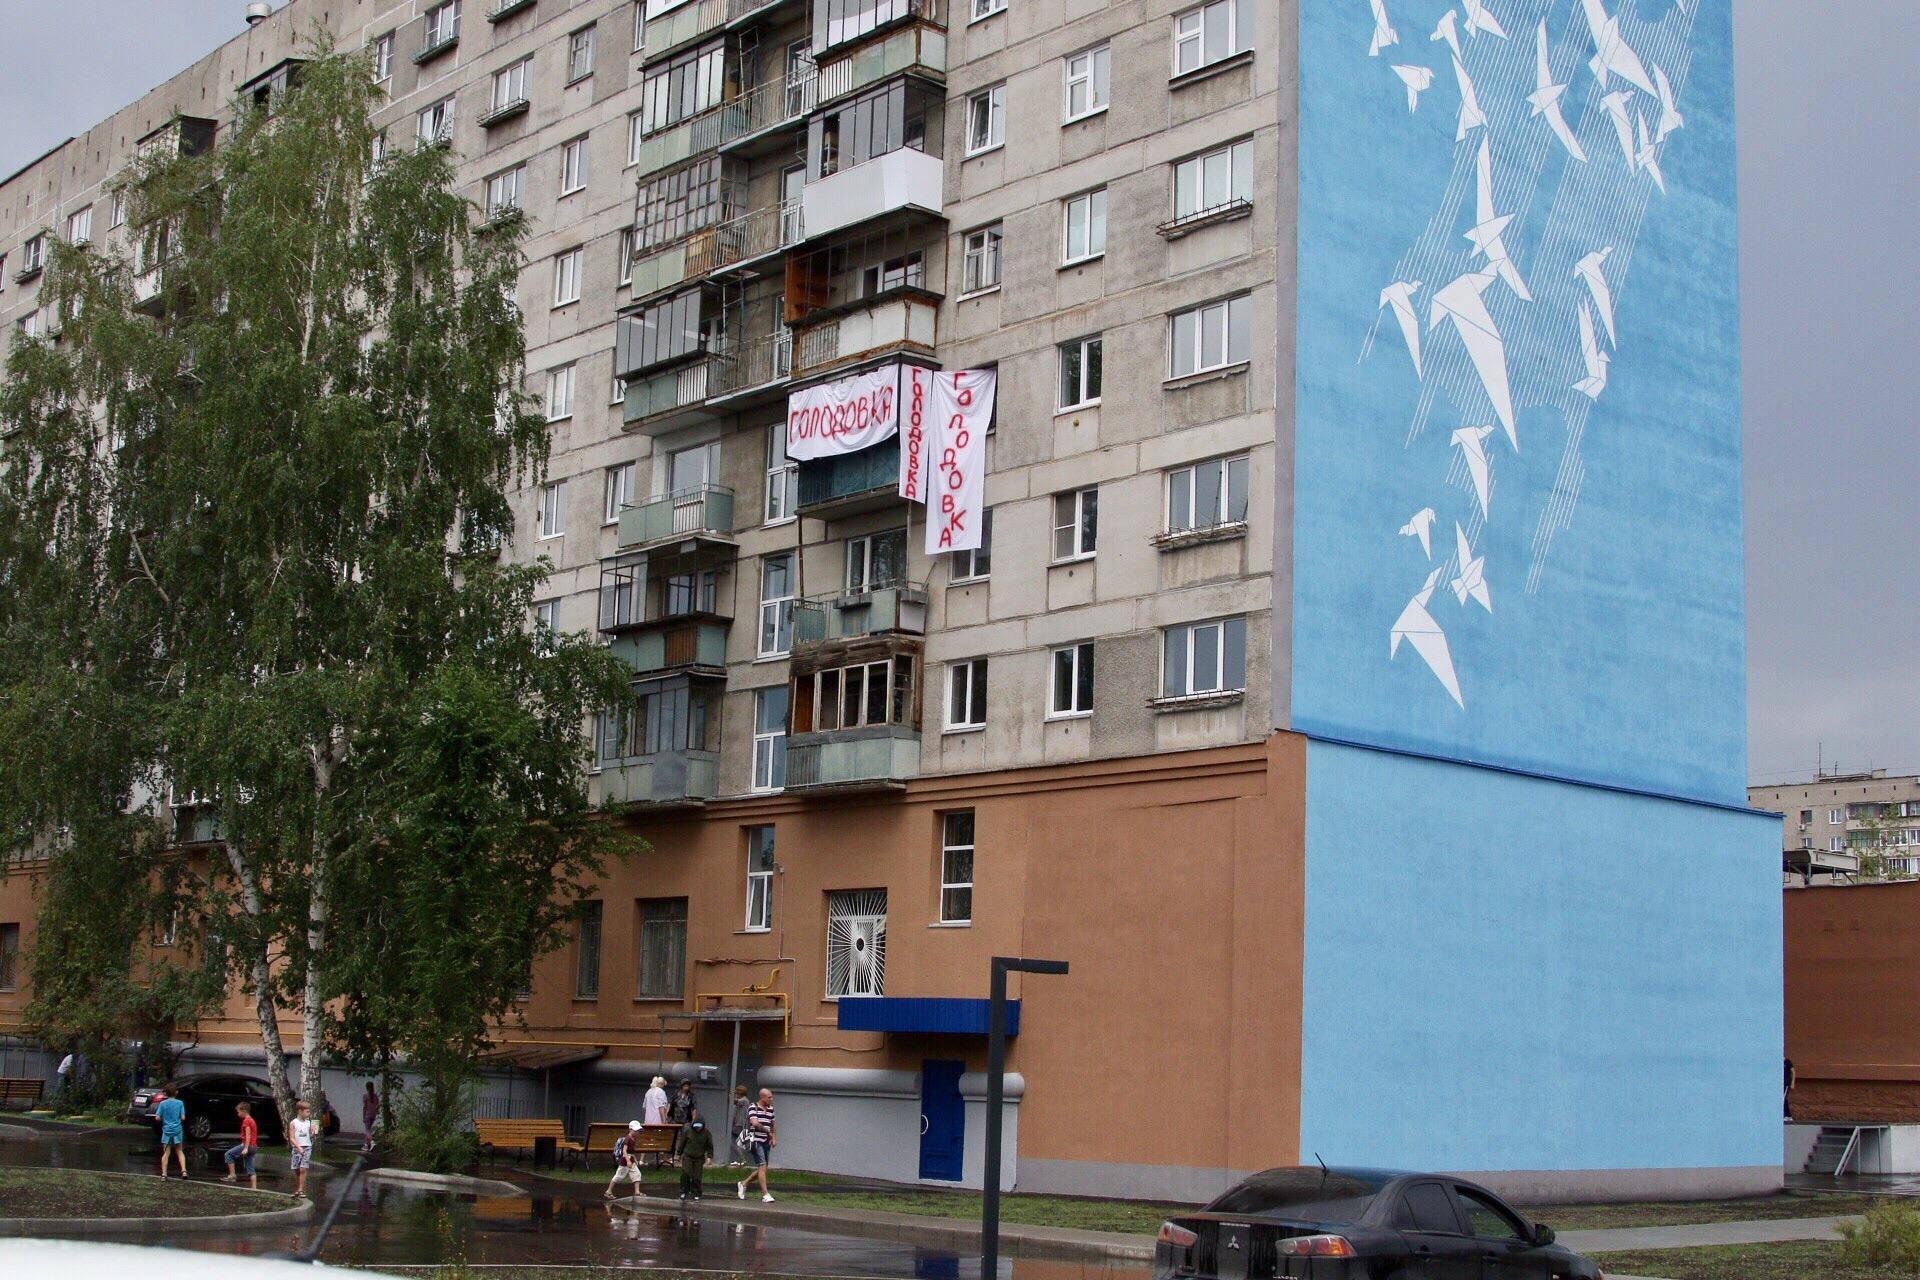 С одной стороны дома на Карла Маркса, 164 теперь памятные граффити, а с другой — растяжка о голодовке